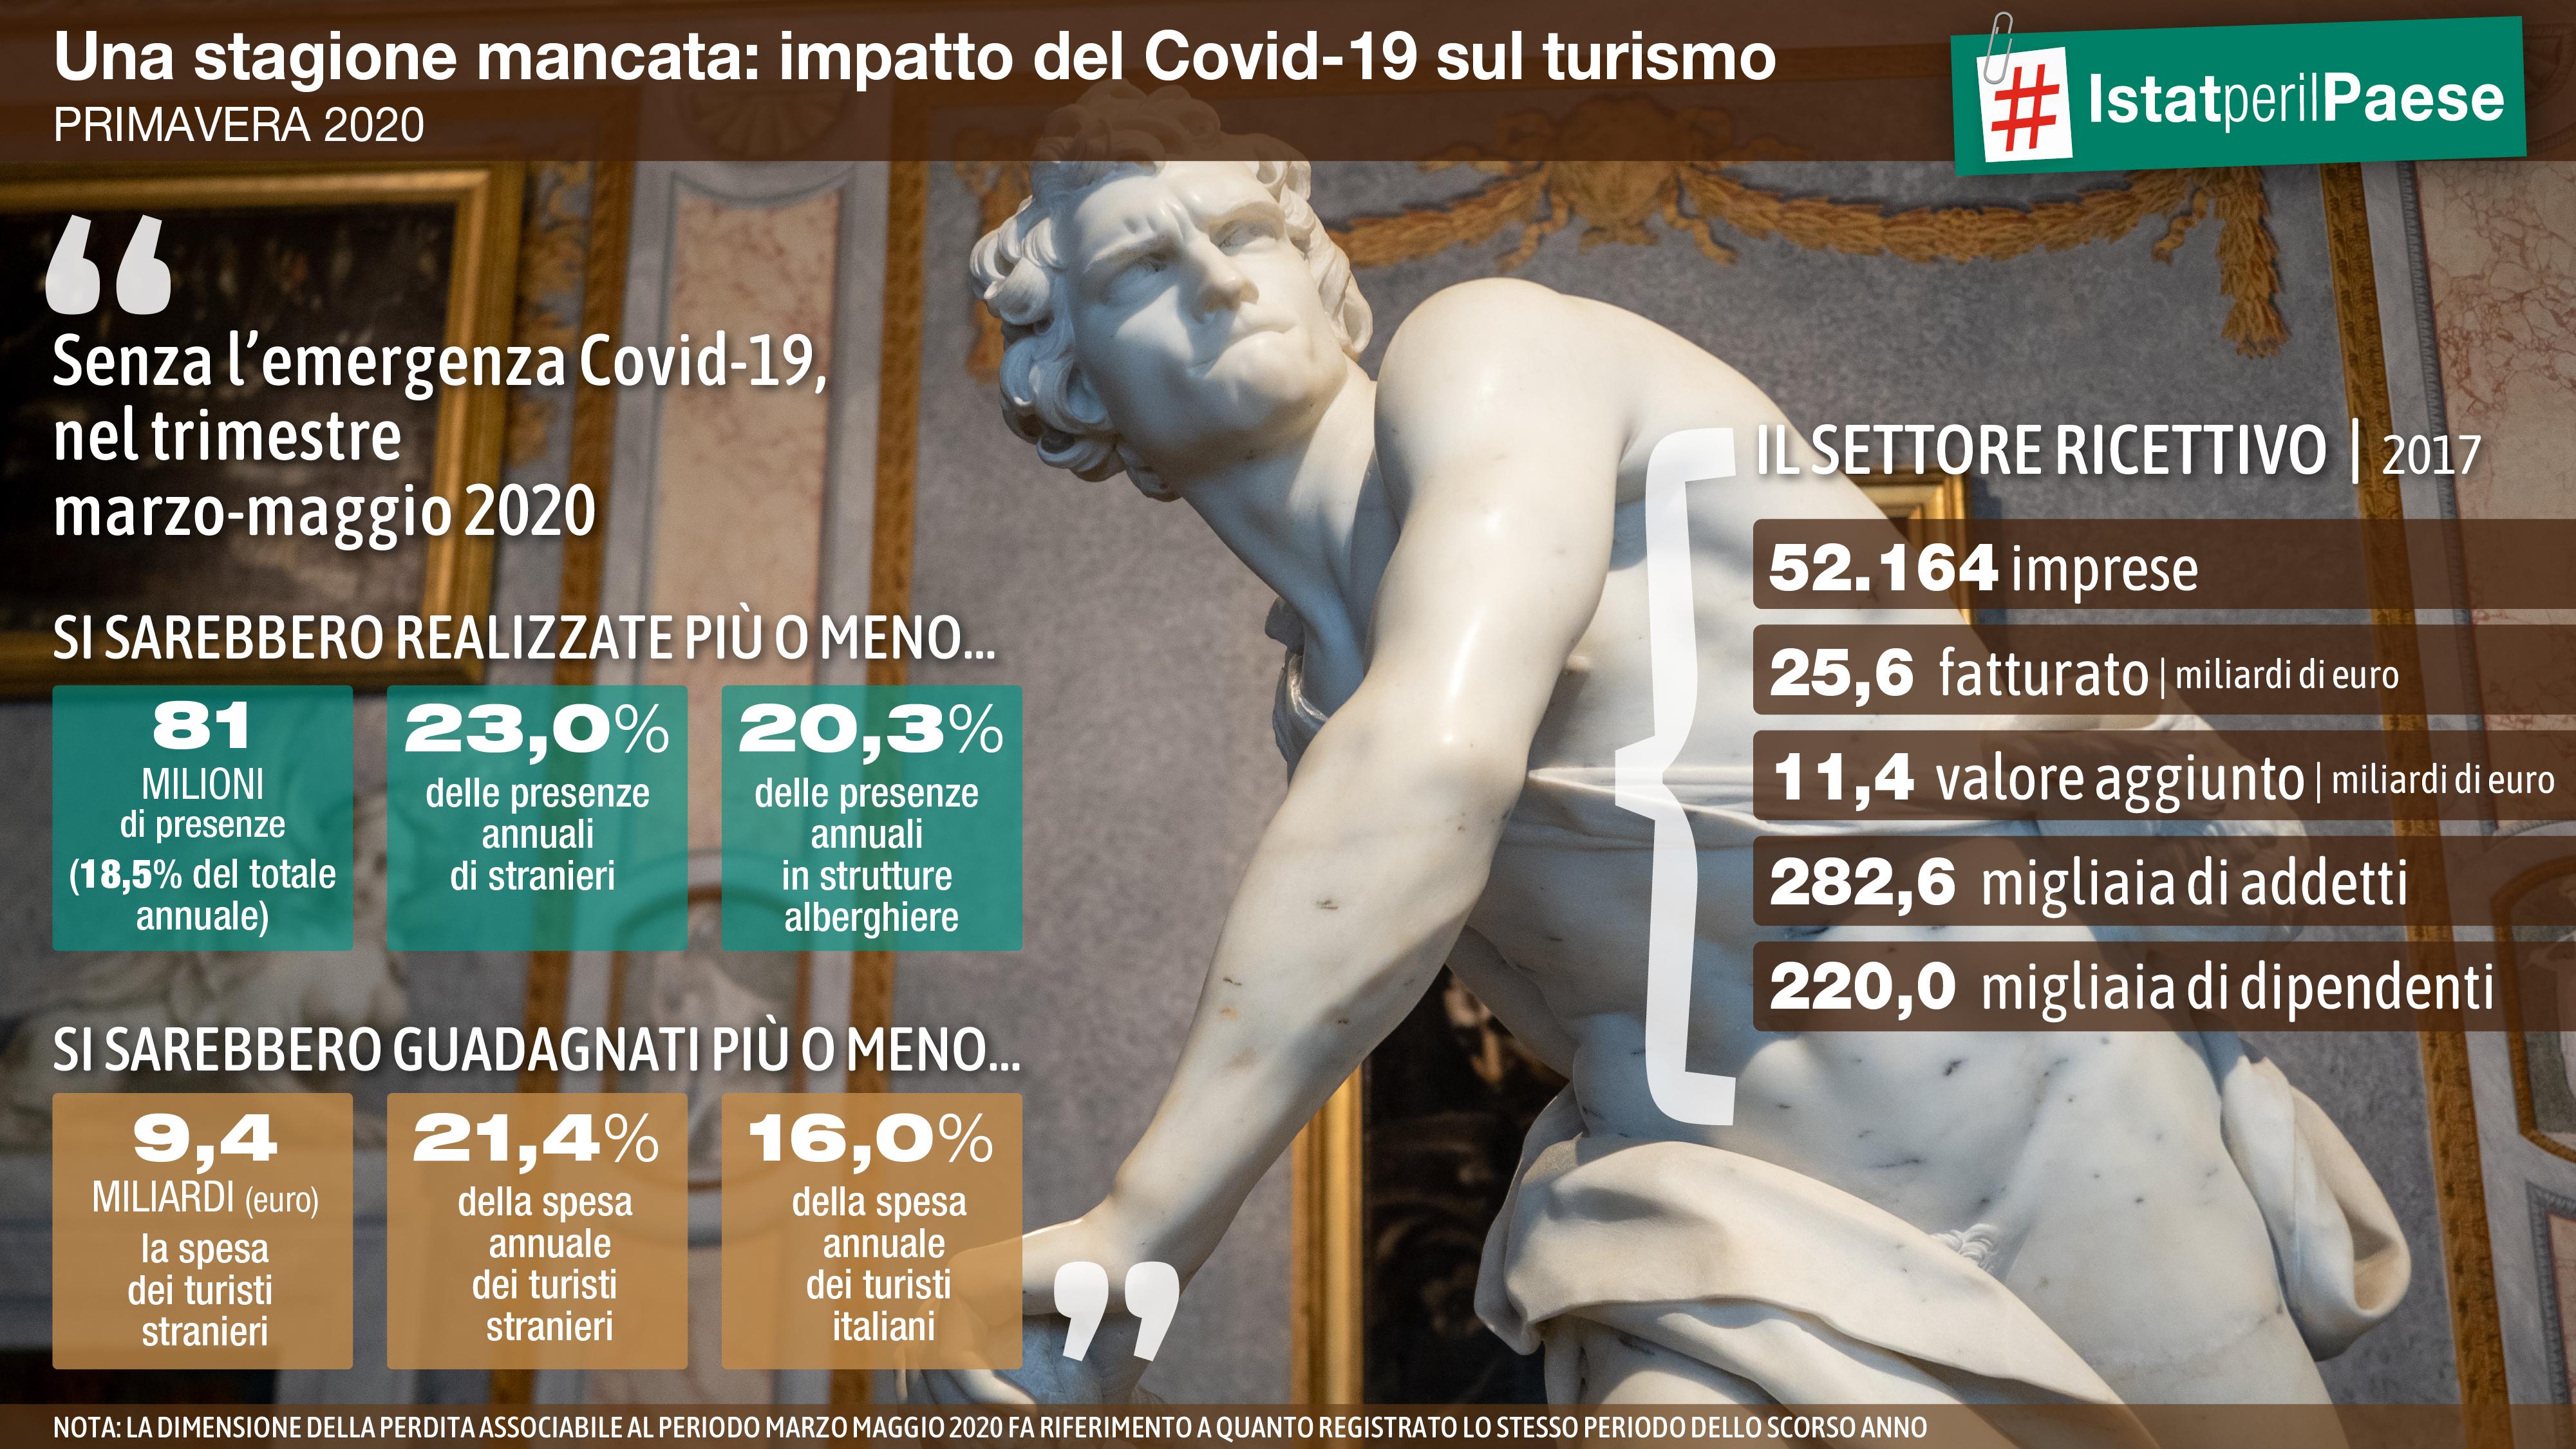 impatto del Covid-19 sul turismo